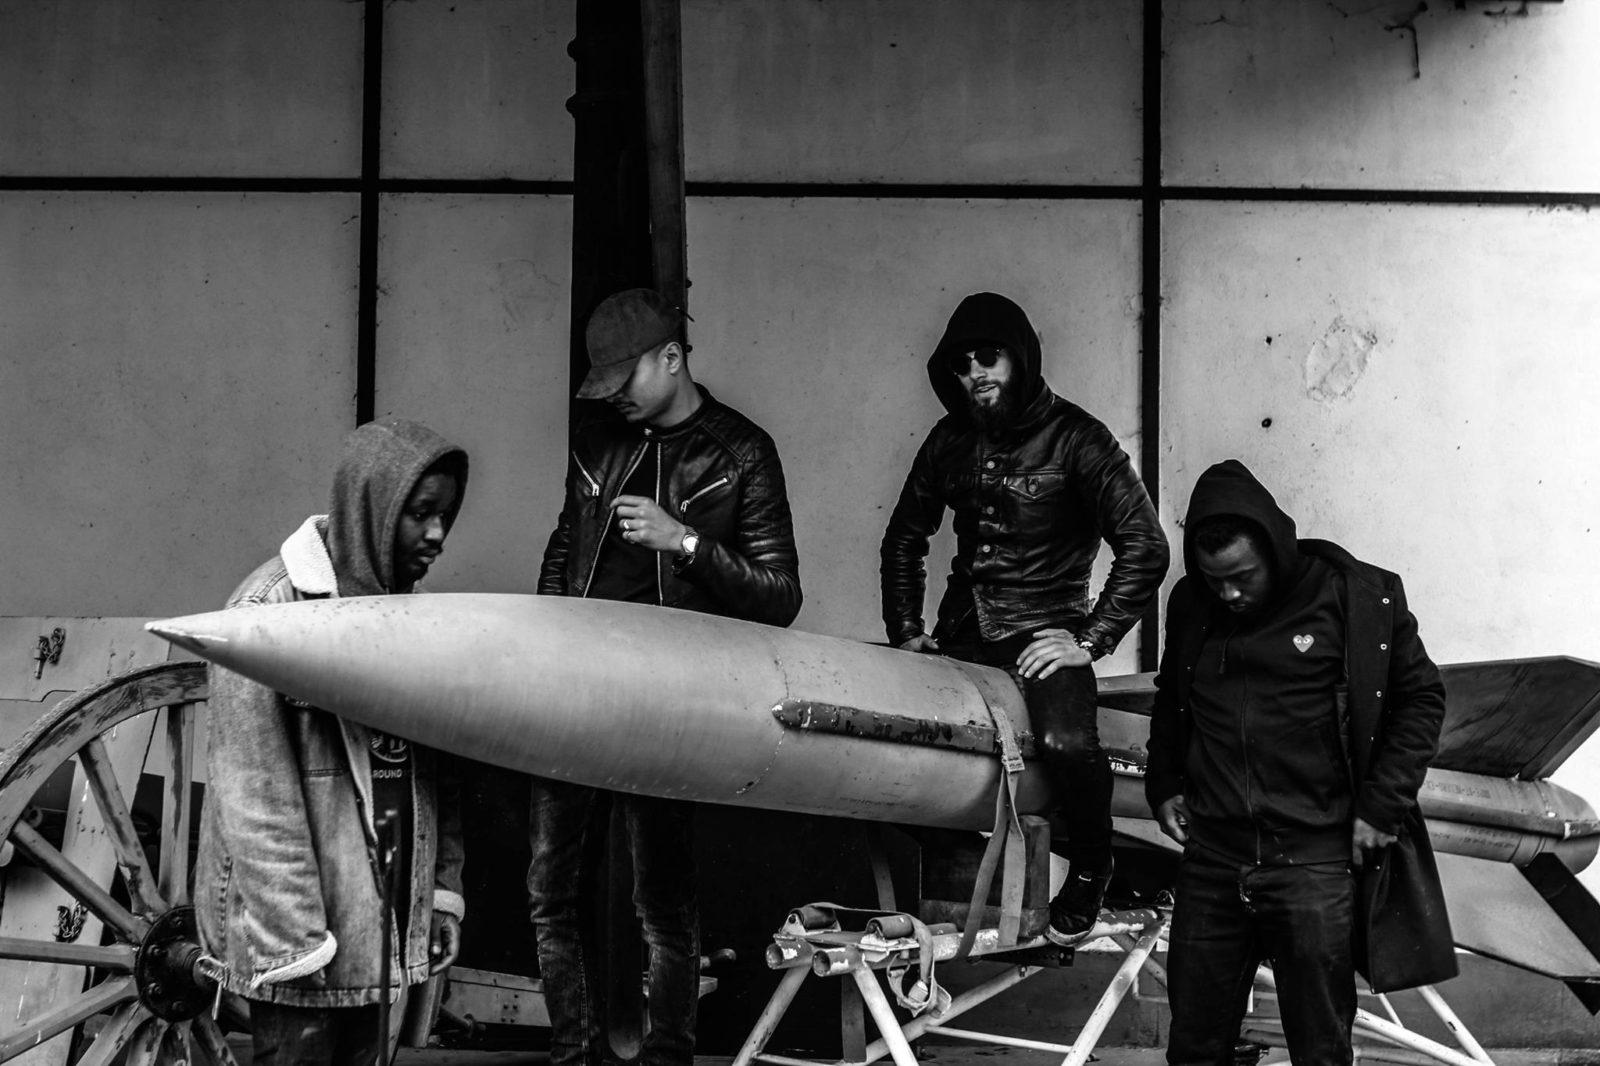 Goodirtysound gds squat sevran missile soirees paris polaroid - Goodirtysound, le collectif qui secoue les nuits parisiennes, recherche un nouveau spot !